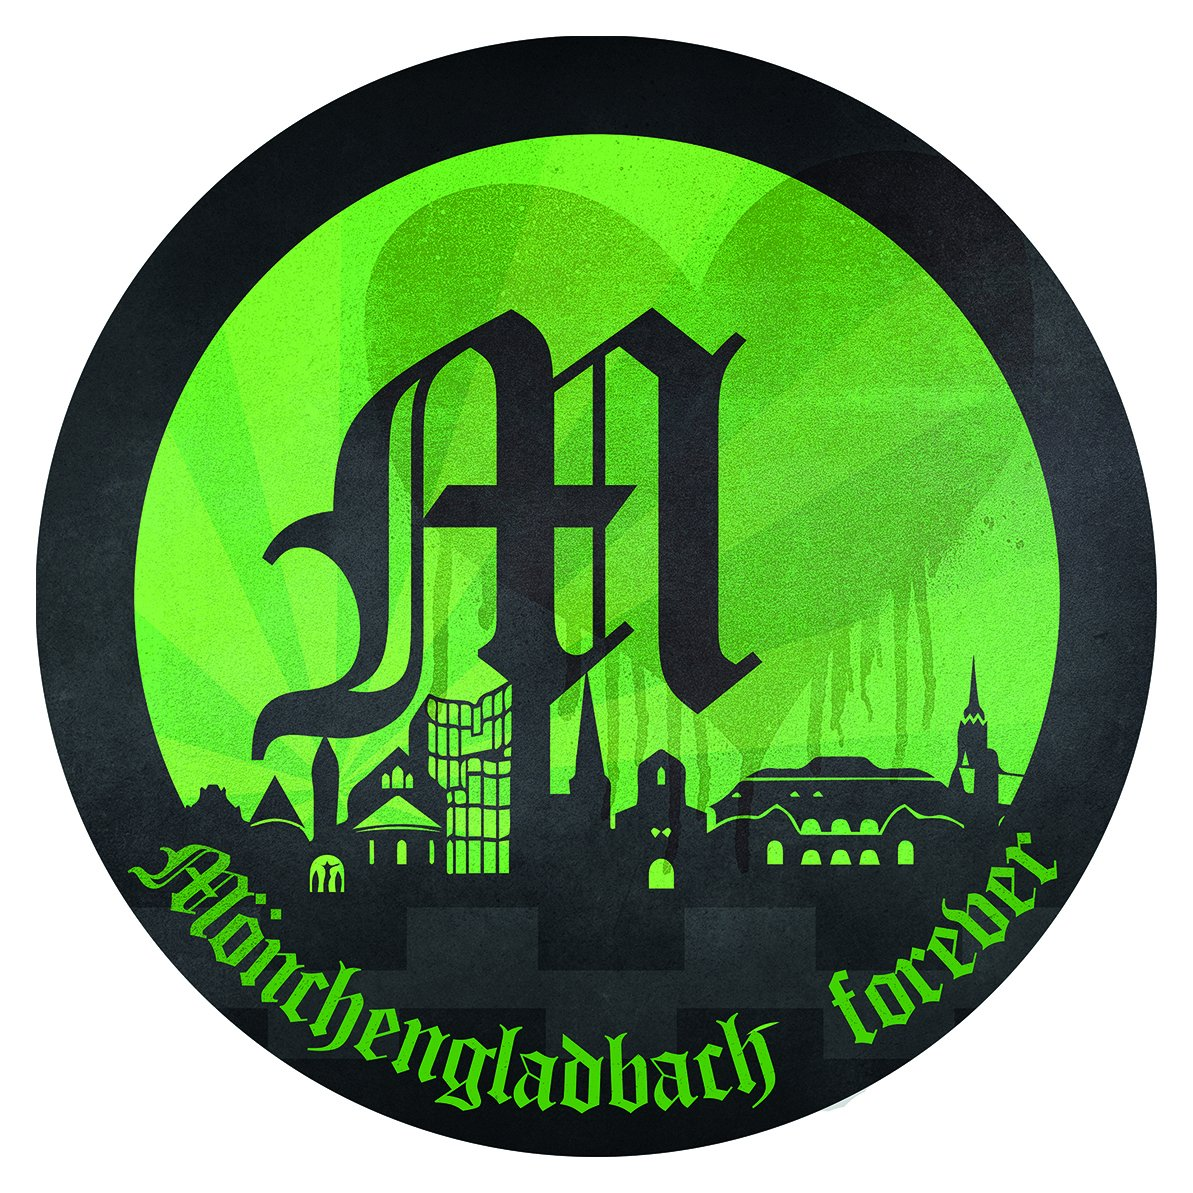 Flaschentr/äger Borussia M/önchengladbach Leistungstr/äger Einkaufsbeutel plus gratis Aufkleber forever M/önchengladbach Einkaufstasche BMG